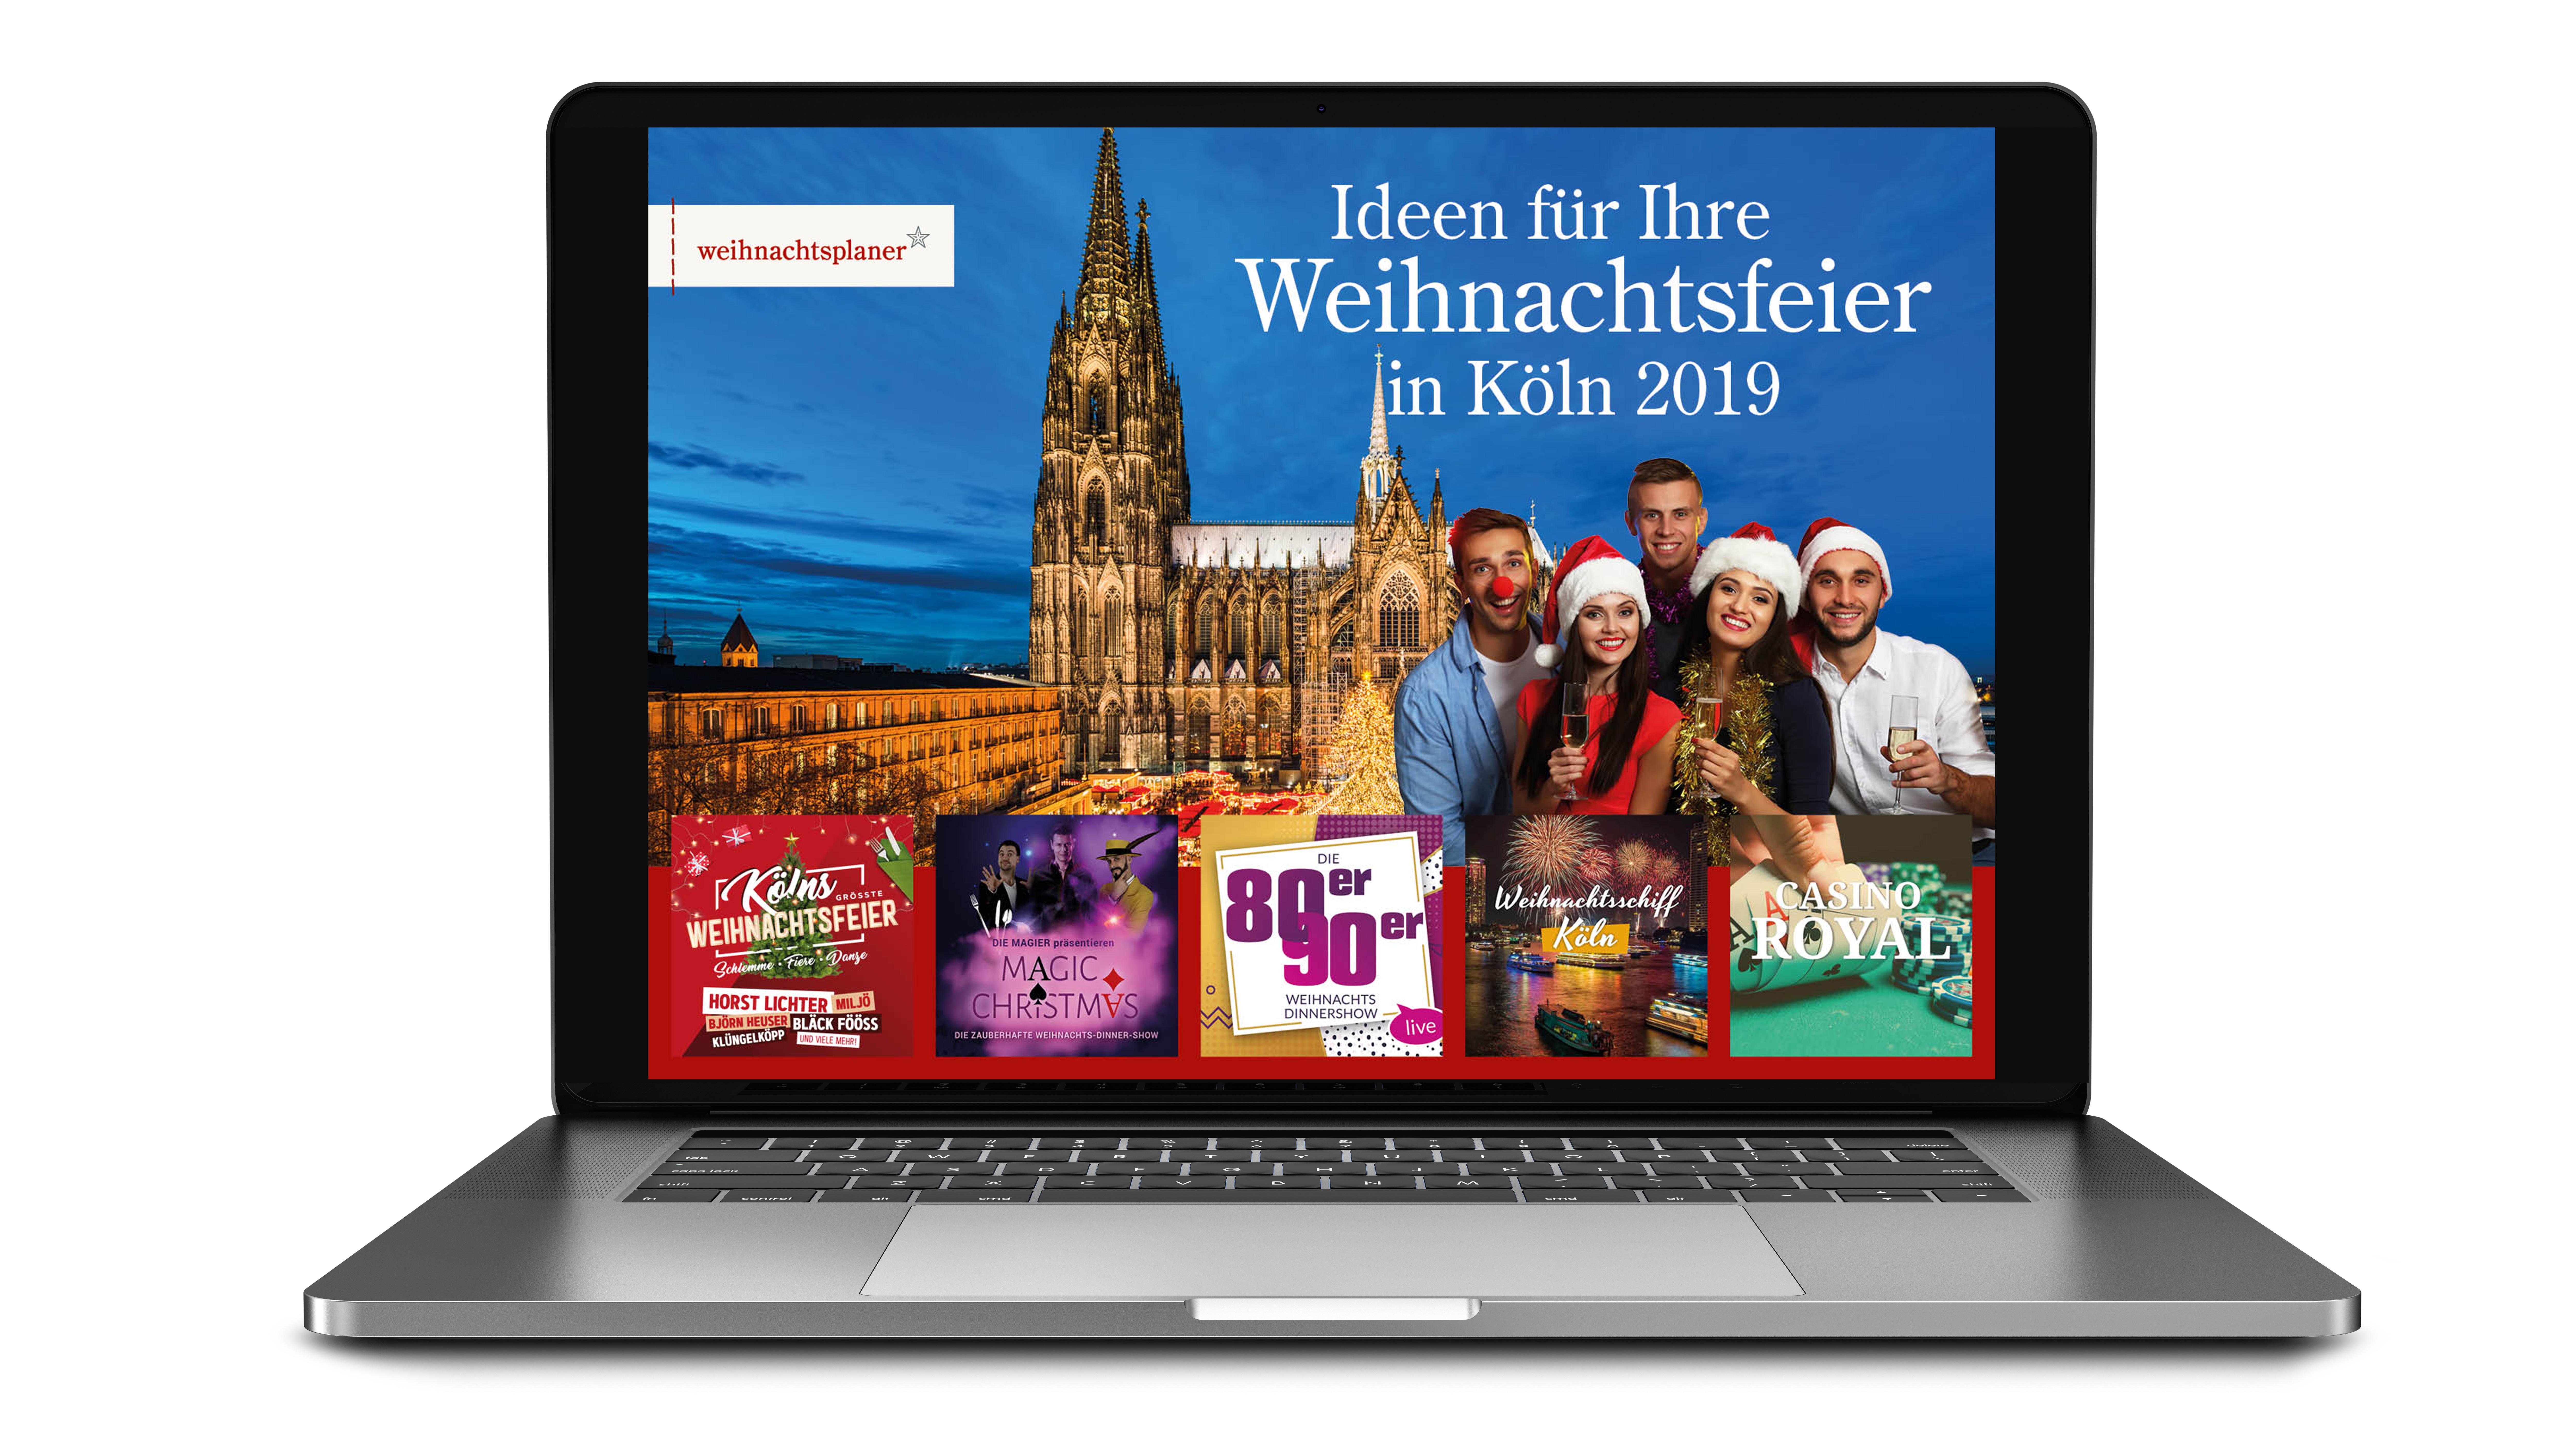 Ideen Weihnachtsfeier 3 Klasse.Kölns Größte Weihnachtsfeier 2019 Lanxess Arena Weihnachtsfeiern